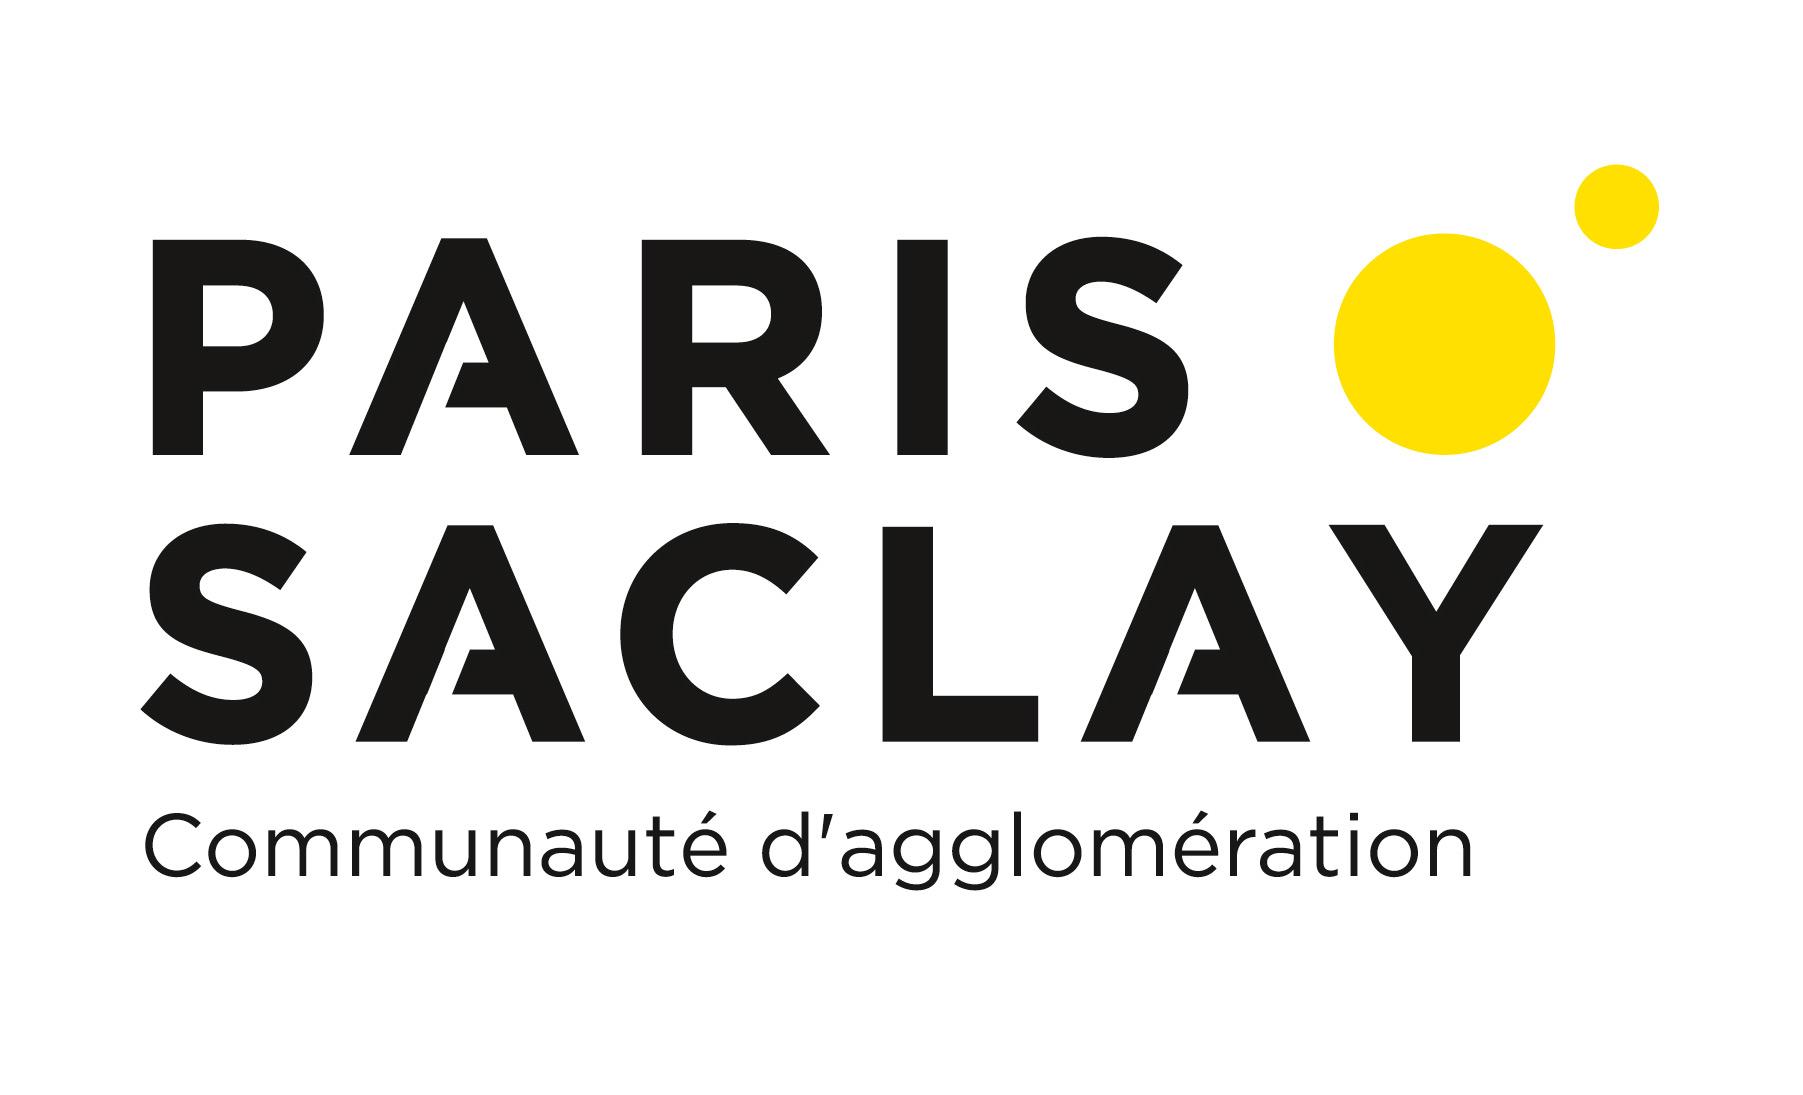 Paris Saclay Communauté d'agglomération